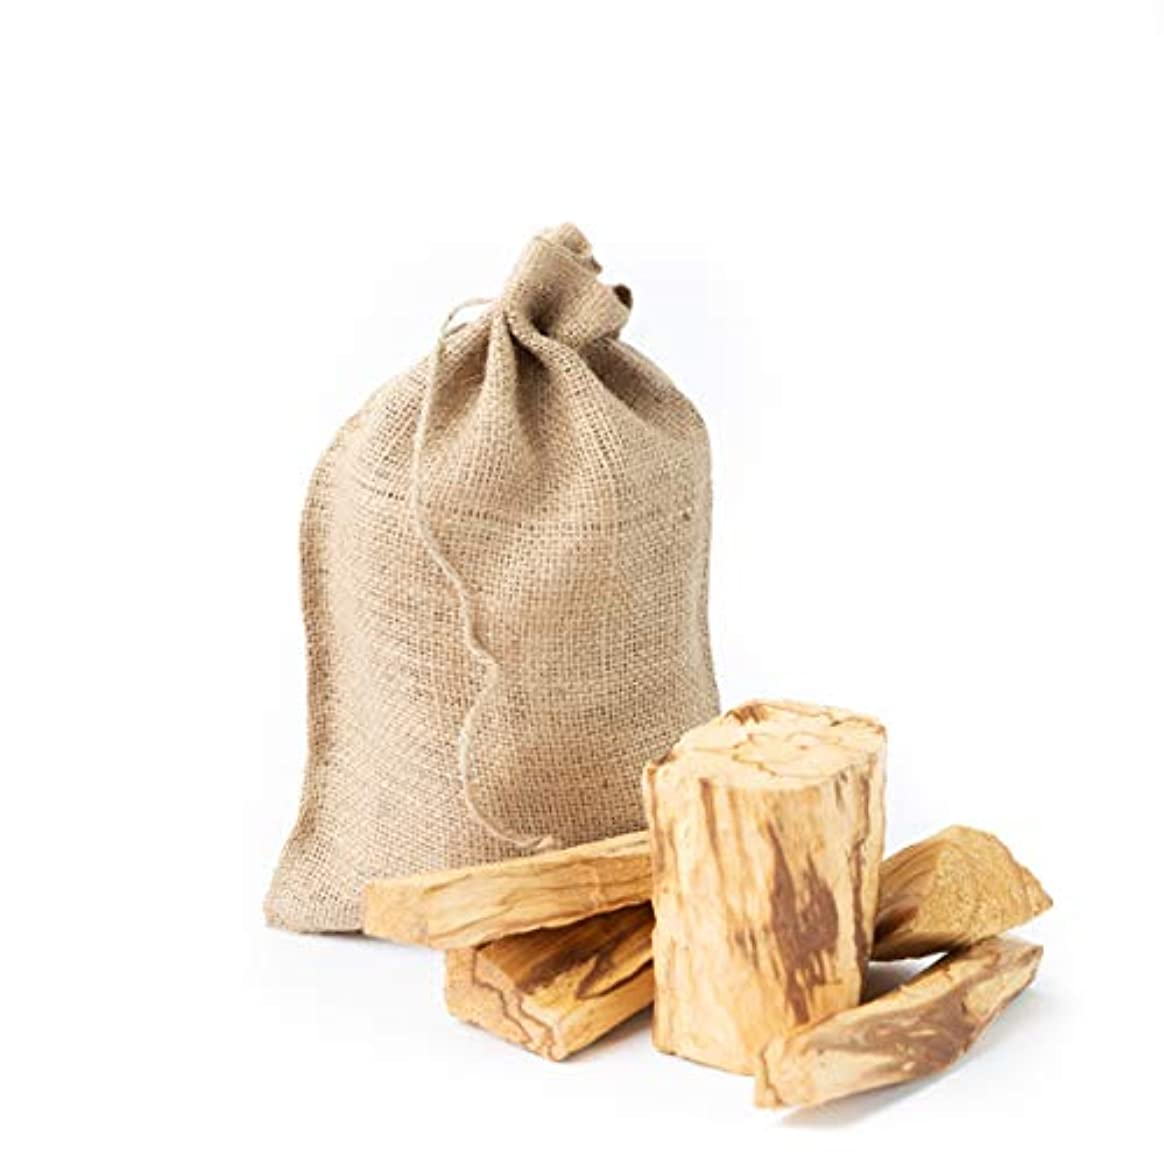 資源大使館支払うPalo SantoからPerú Smudging Sticks大きなチャンク、高樹脂1ポンドバッグ。